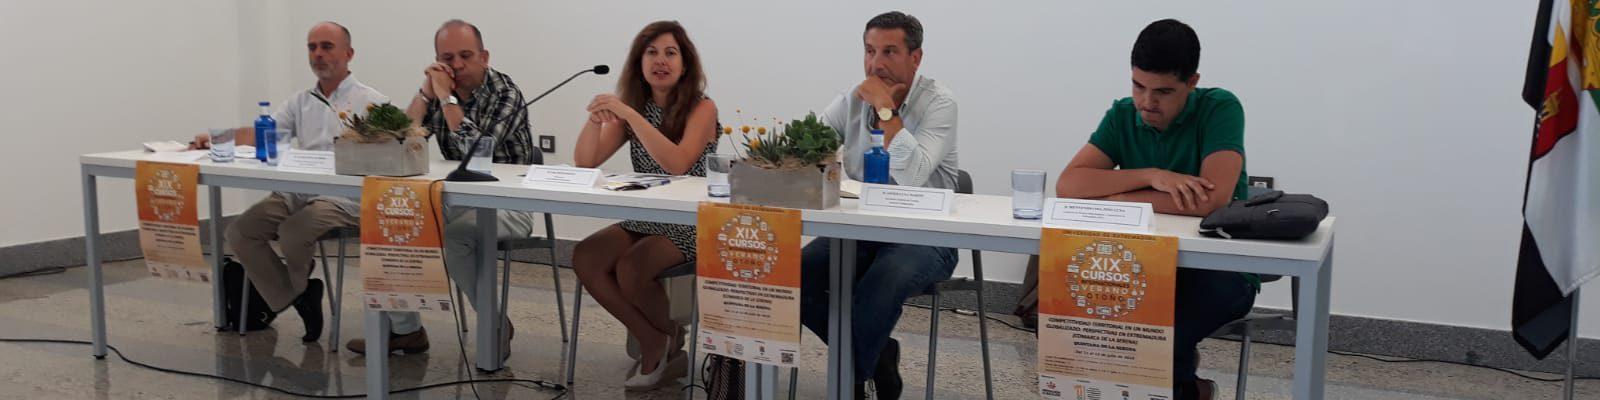 AJE Extremadura en los Cursos de Verano de la UEx